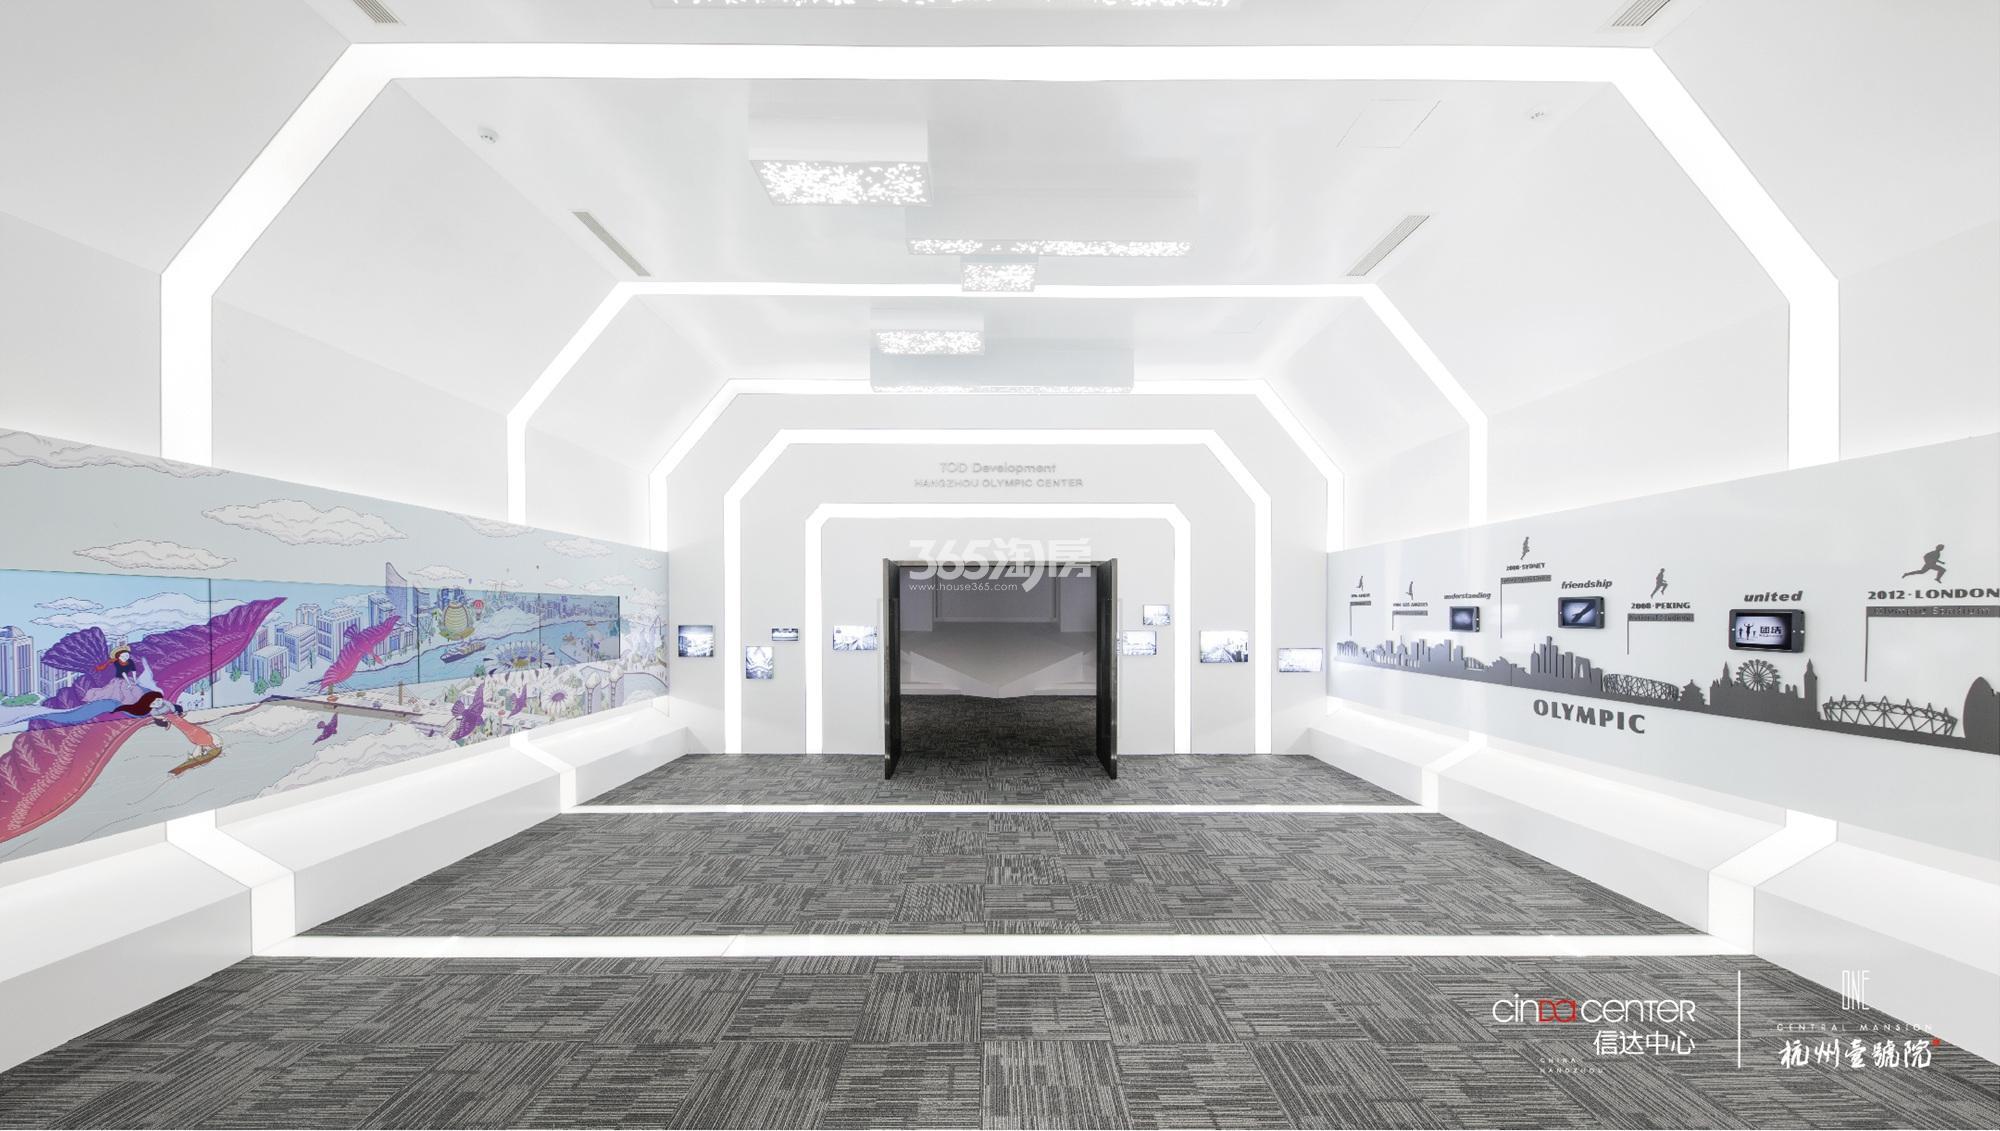 2017.12.7信达中心|杭州壹号院示范区一楼体验馆